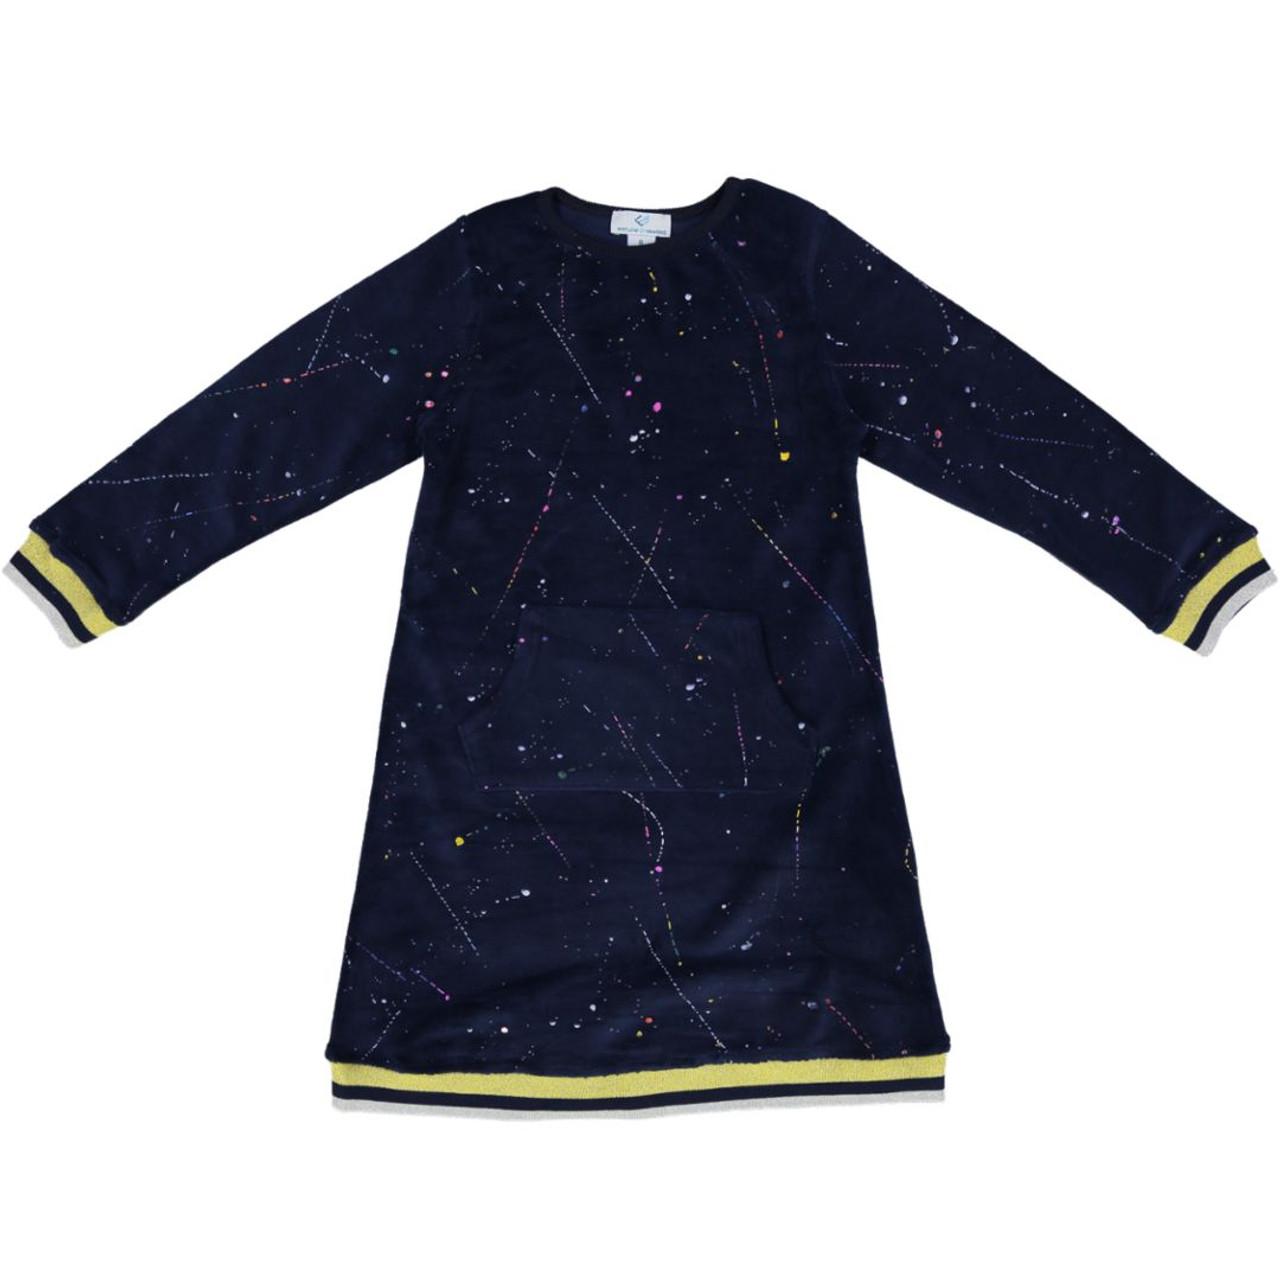 Whitlow & Hawkins Girls Splatter Dress - WHF191004